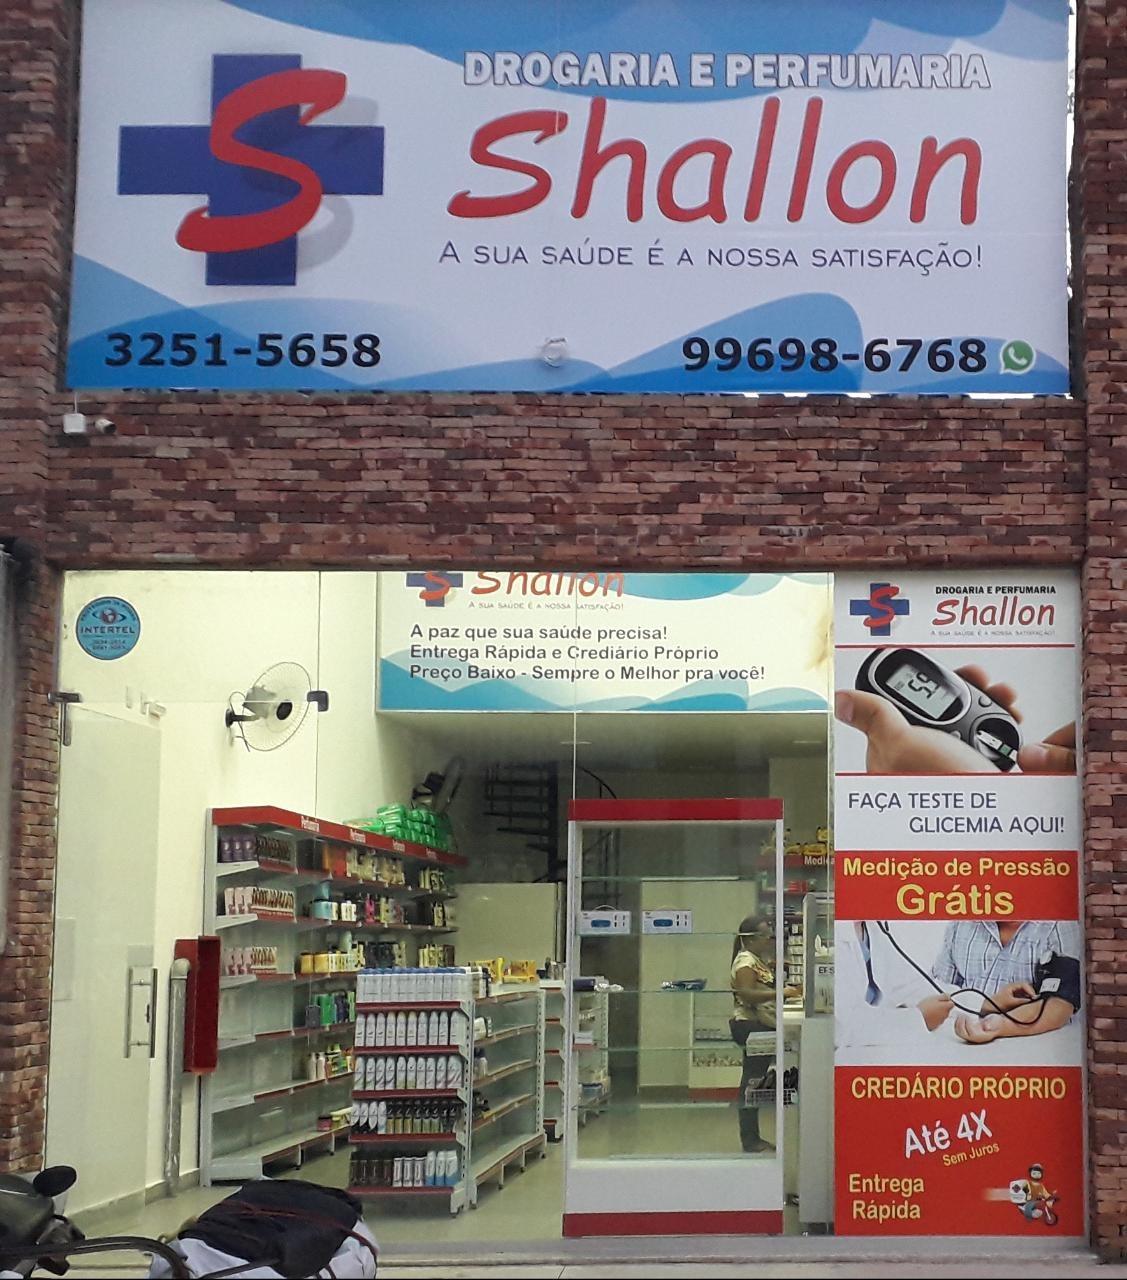 Drogaria e Perfumaria Shallon